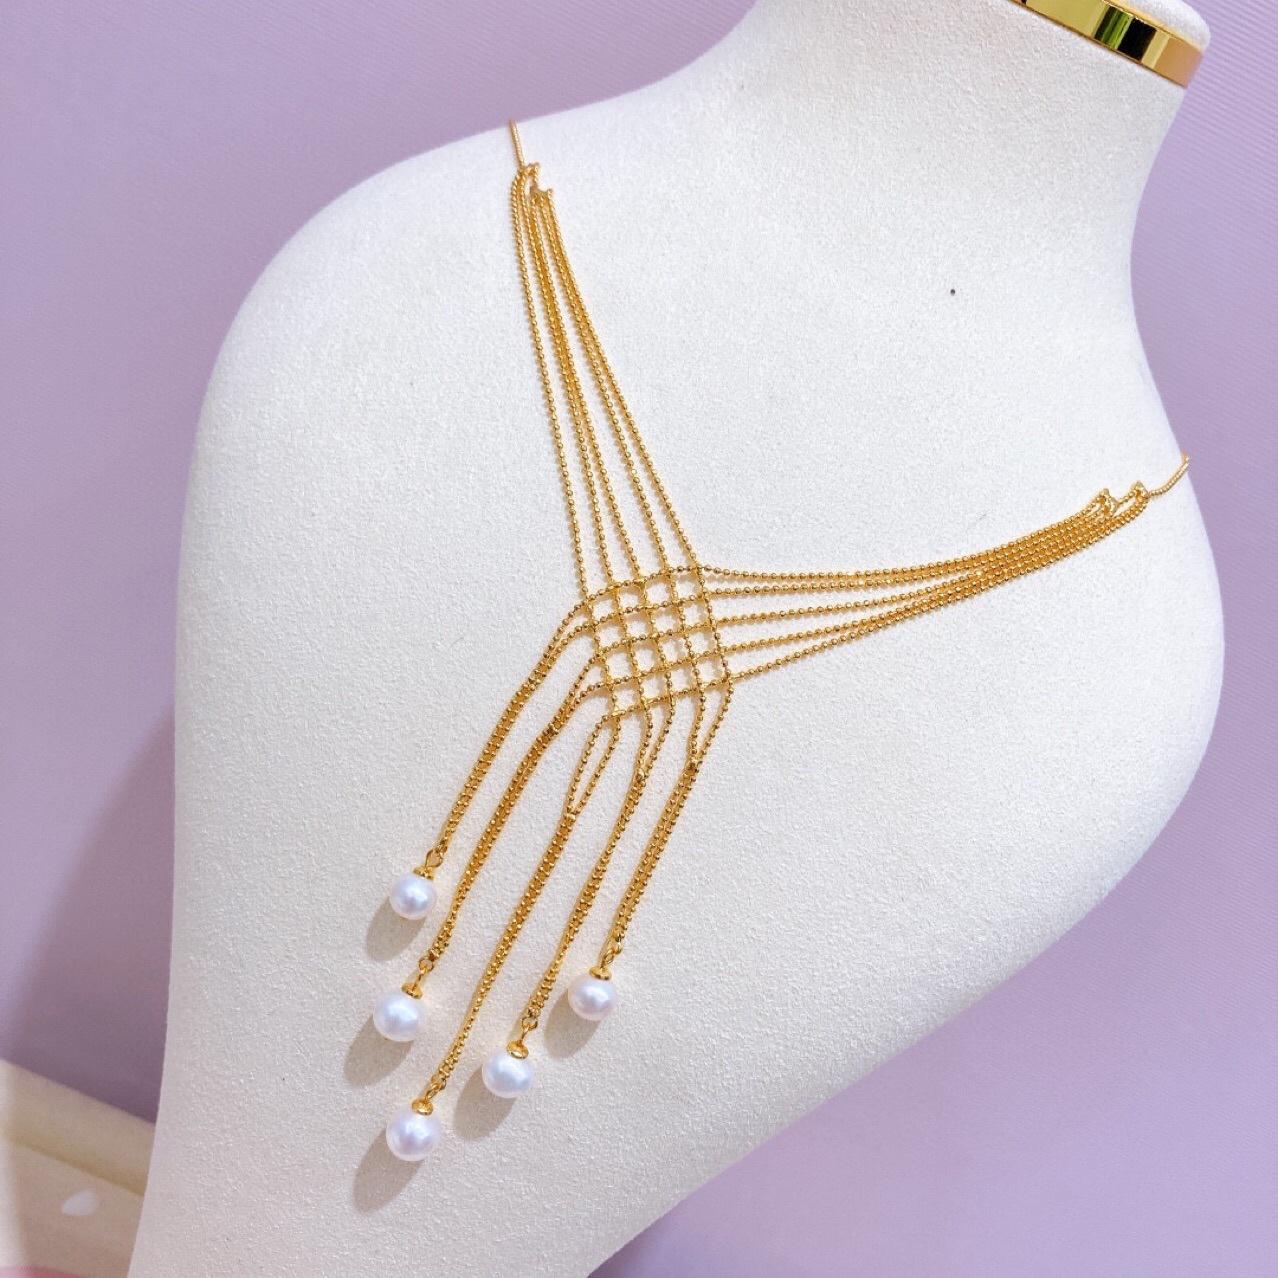 气质长款时尚优雅大气女神蕾丝项链 淡水珍珠流苏2021新款首饰女